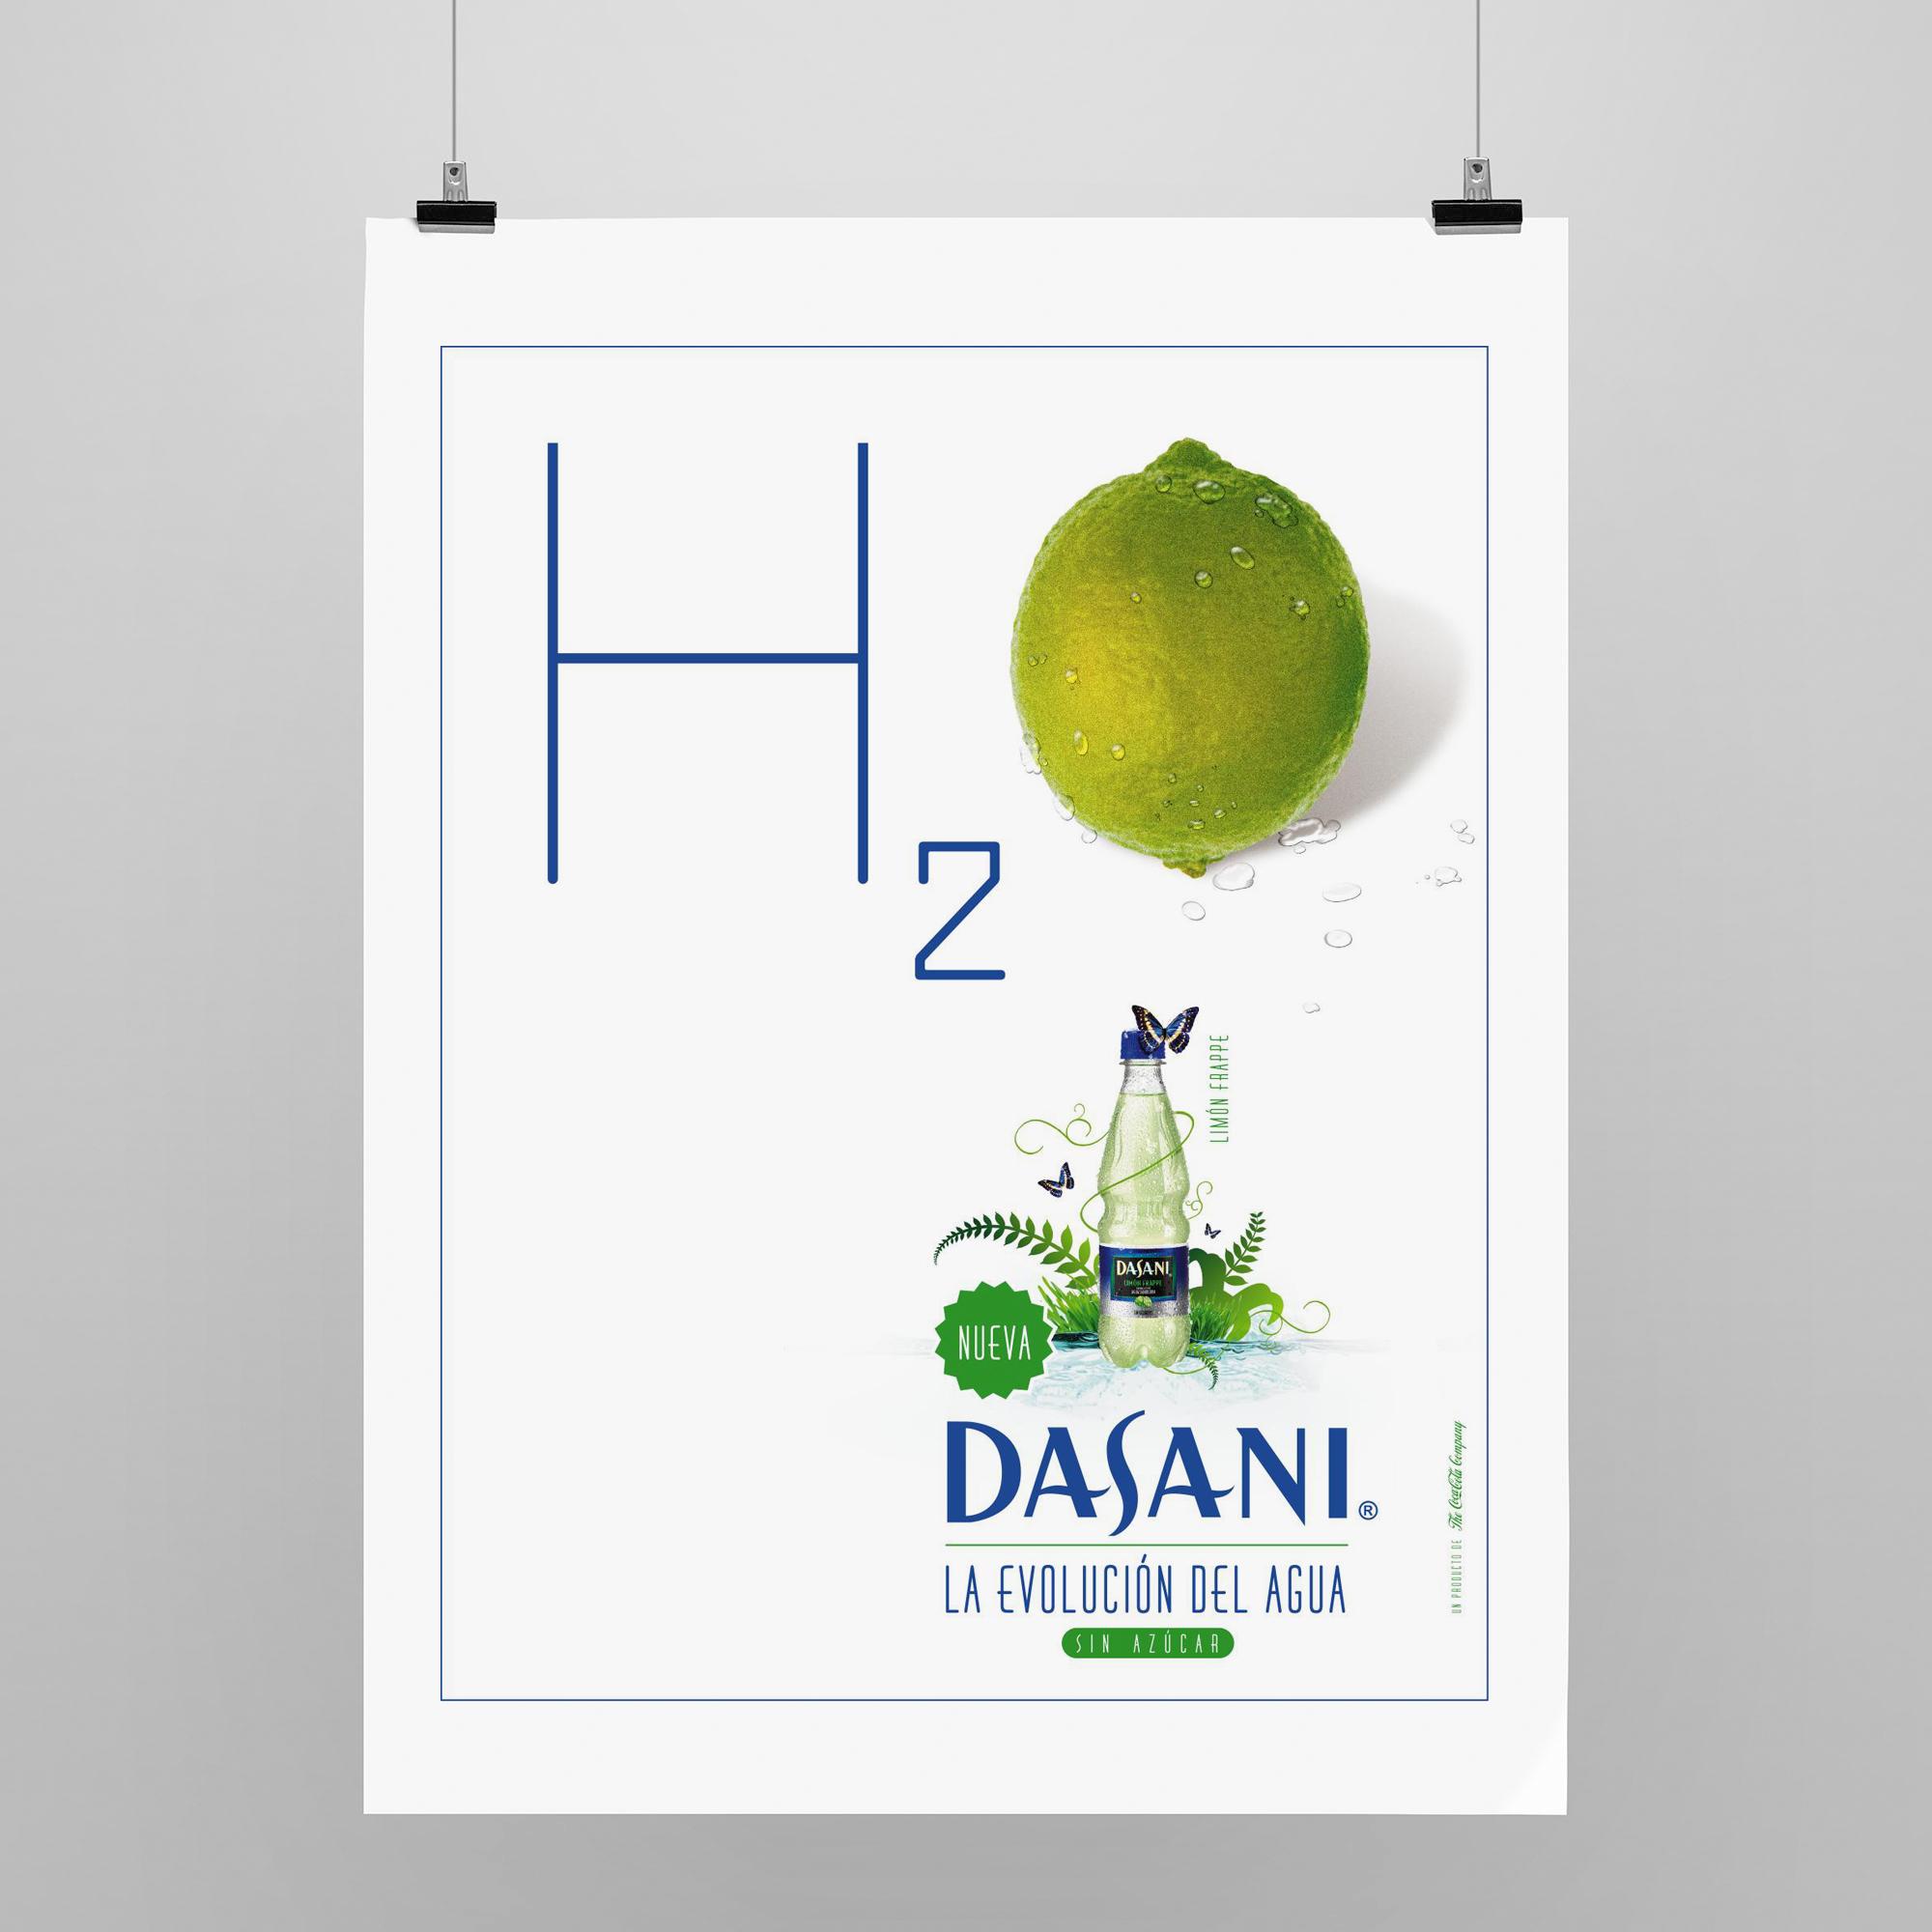 Dasani Afiche.jpg